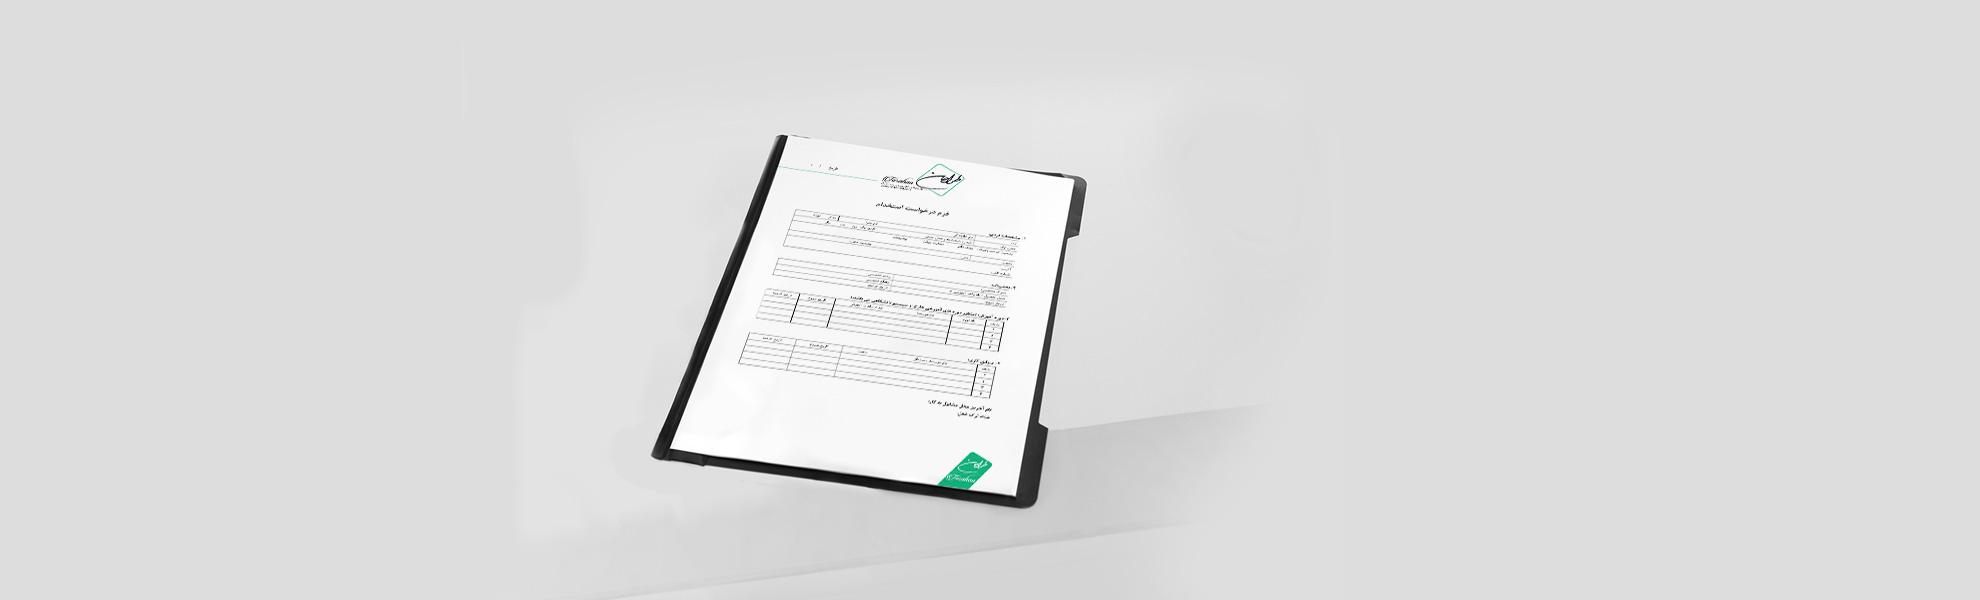 قرارداد طراحی سایت